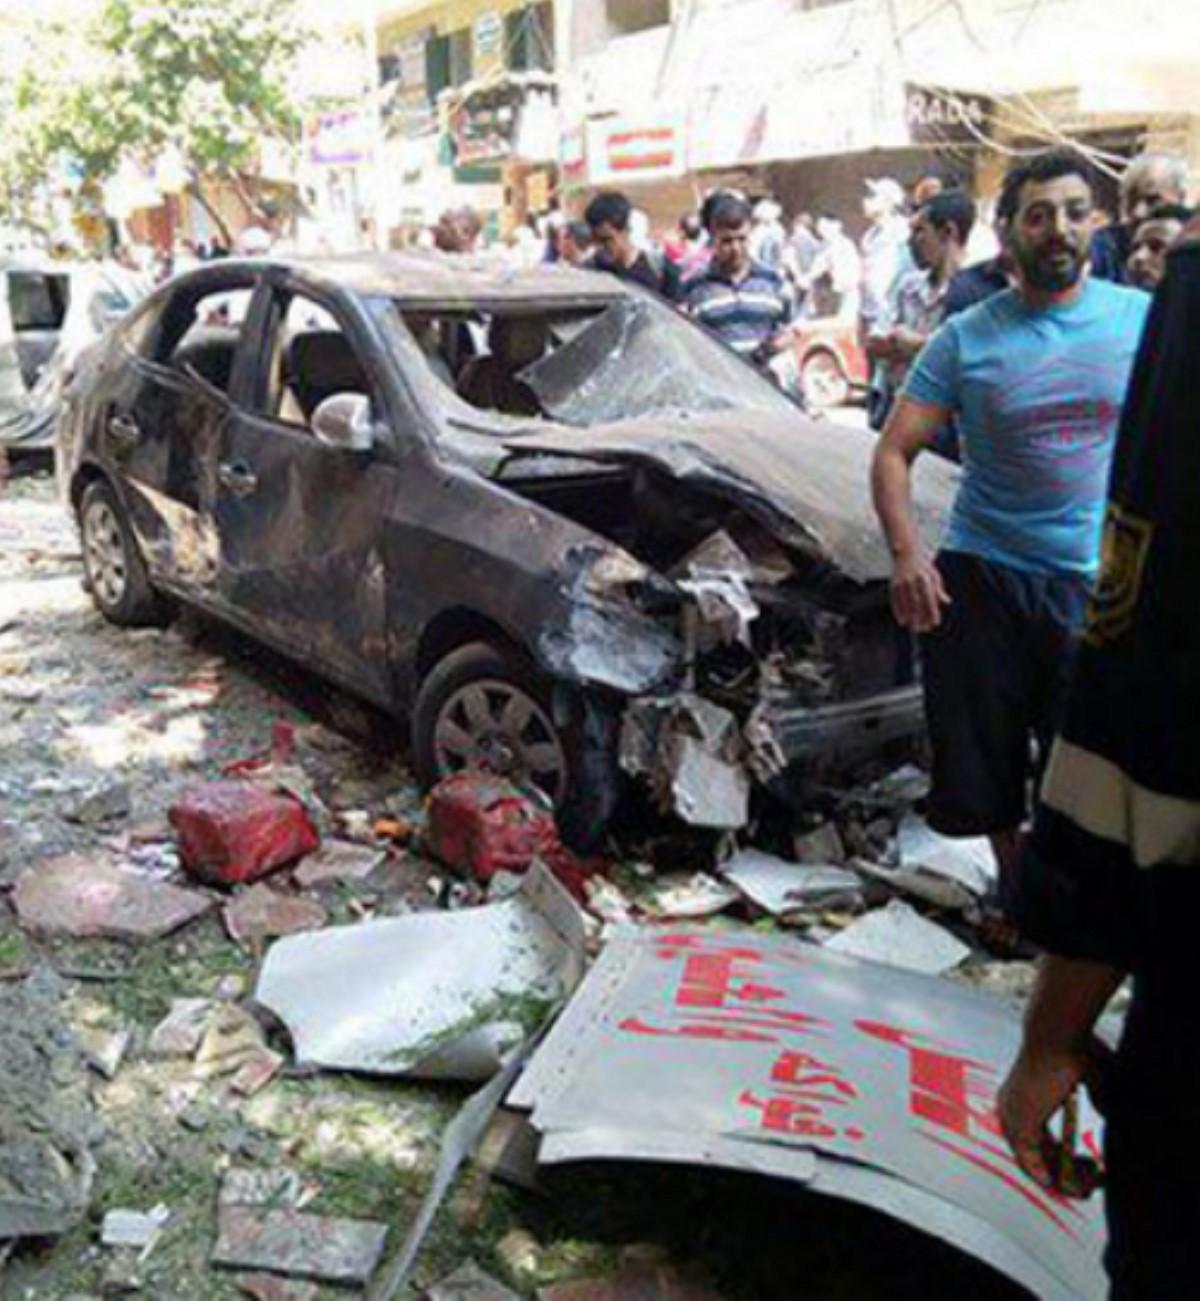 ВКаире прогремел мощнейший взрыв